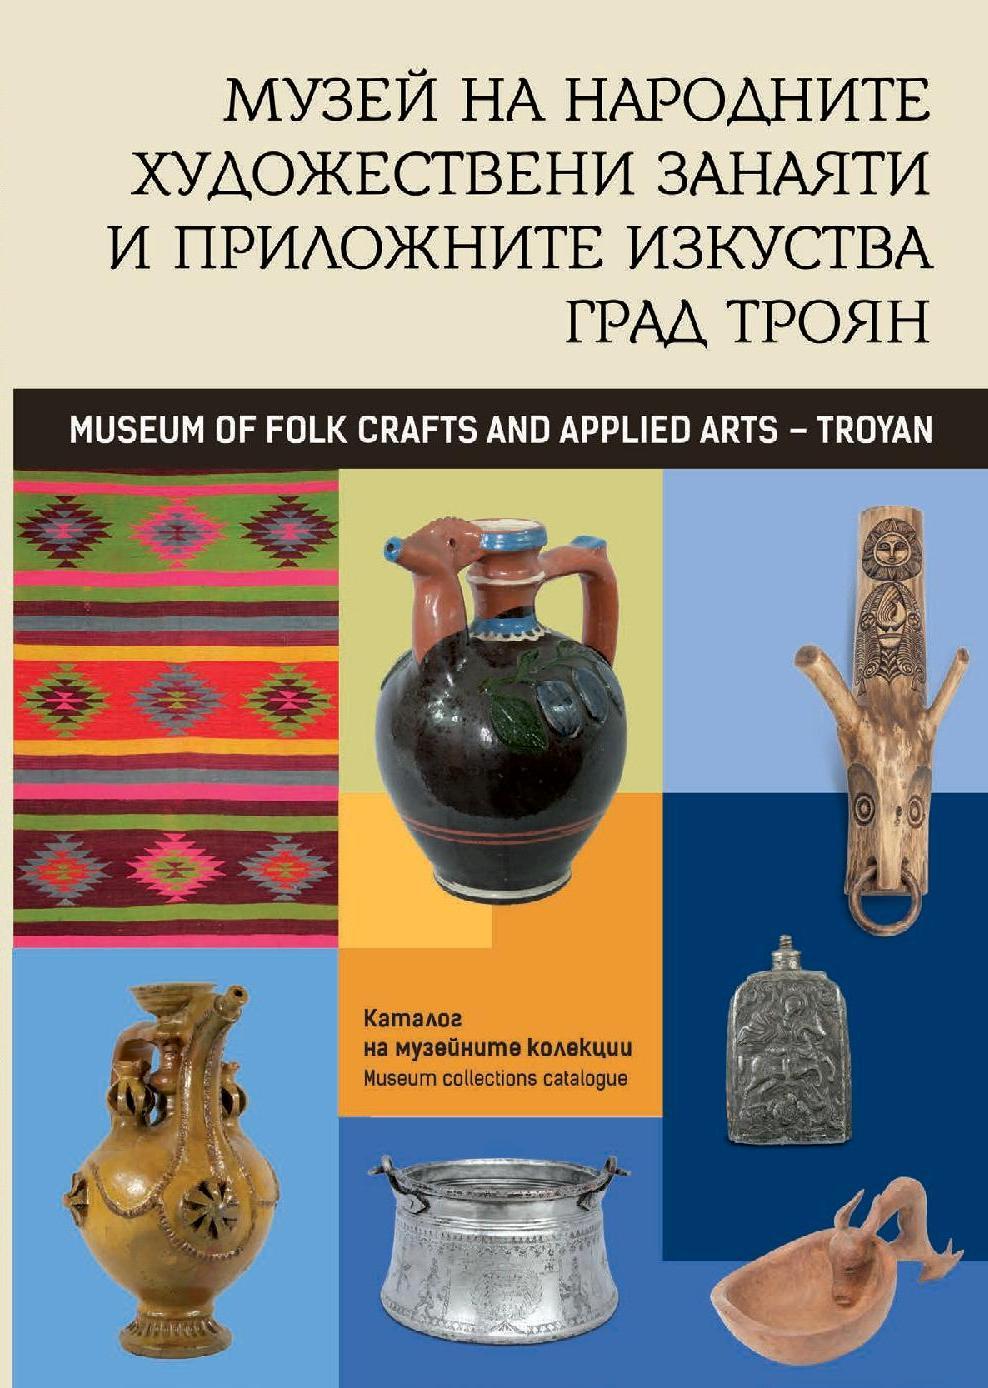 katalog-na-muzeynite-kolekcii